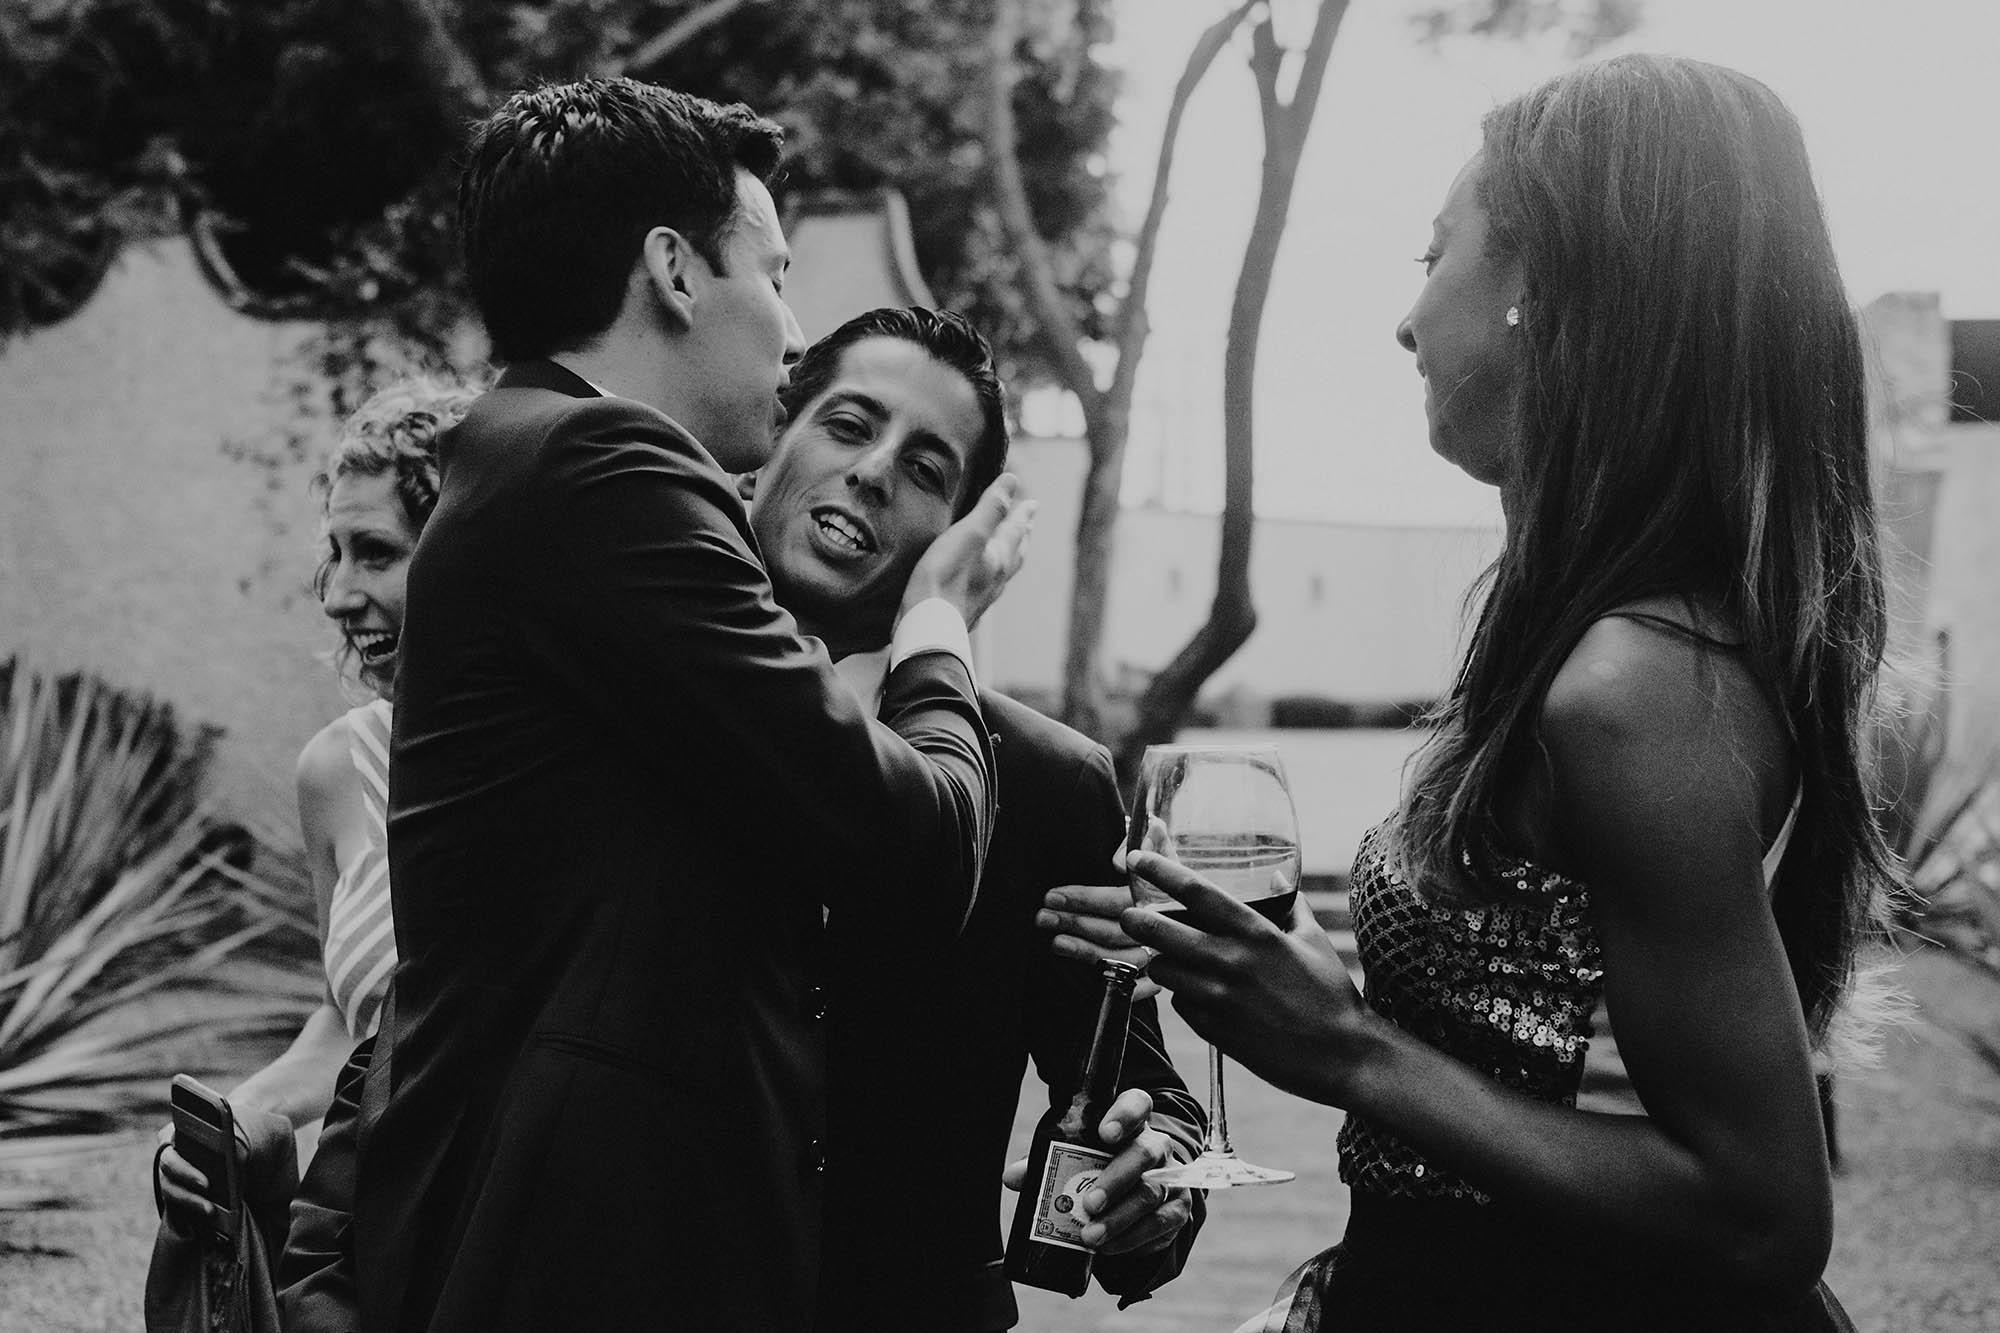 fotografia-de-boda-destino-Jimena-Mañon-Javier-Mere-24.jpg